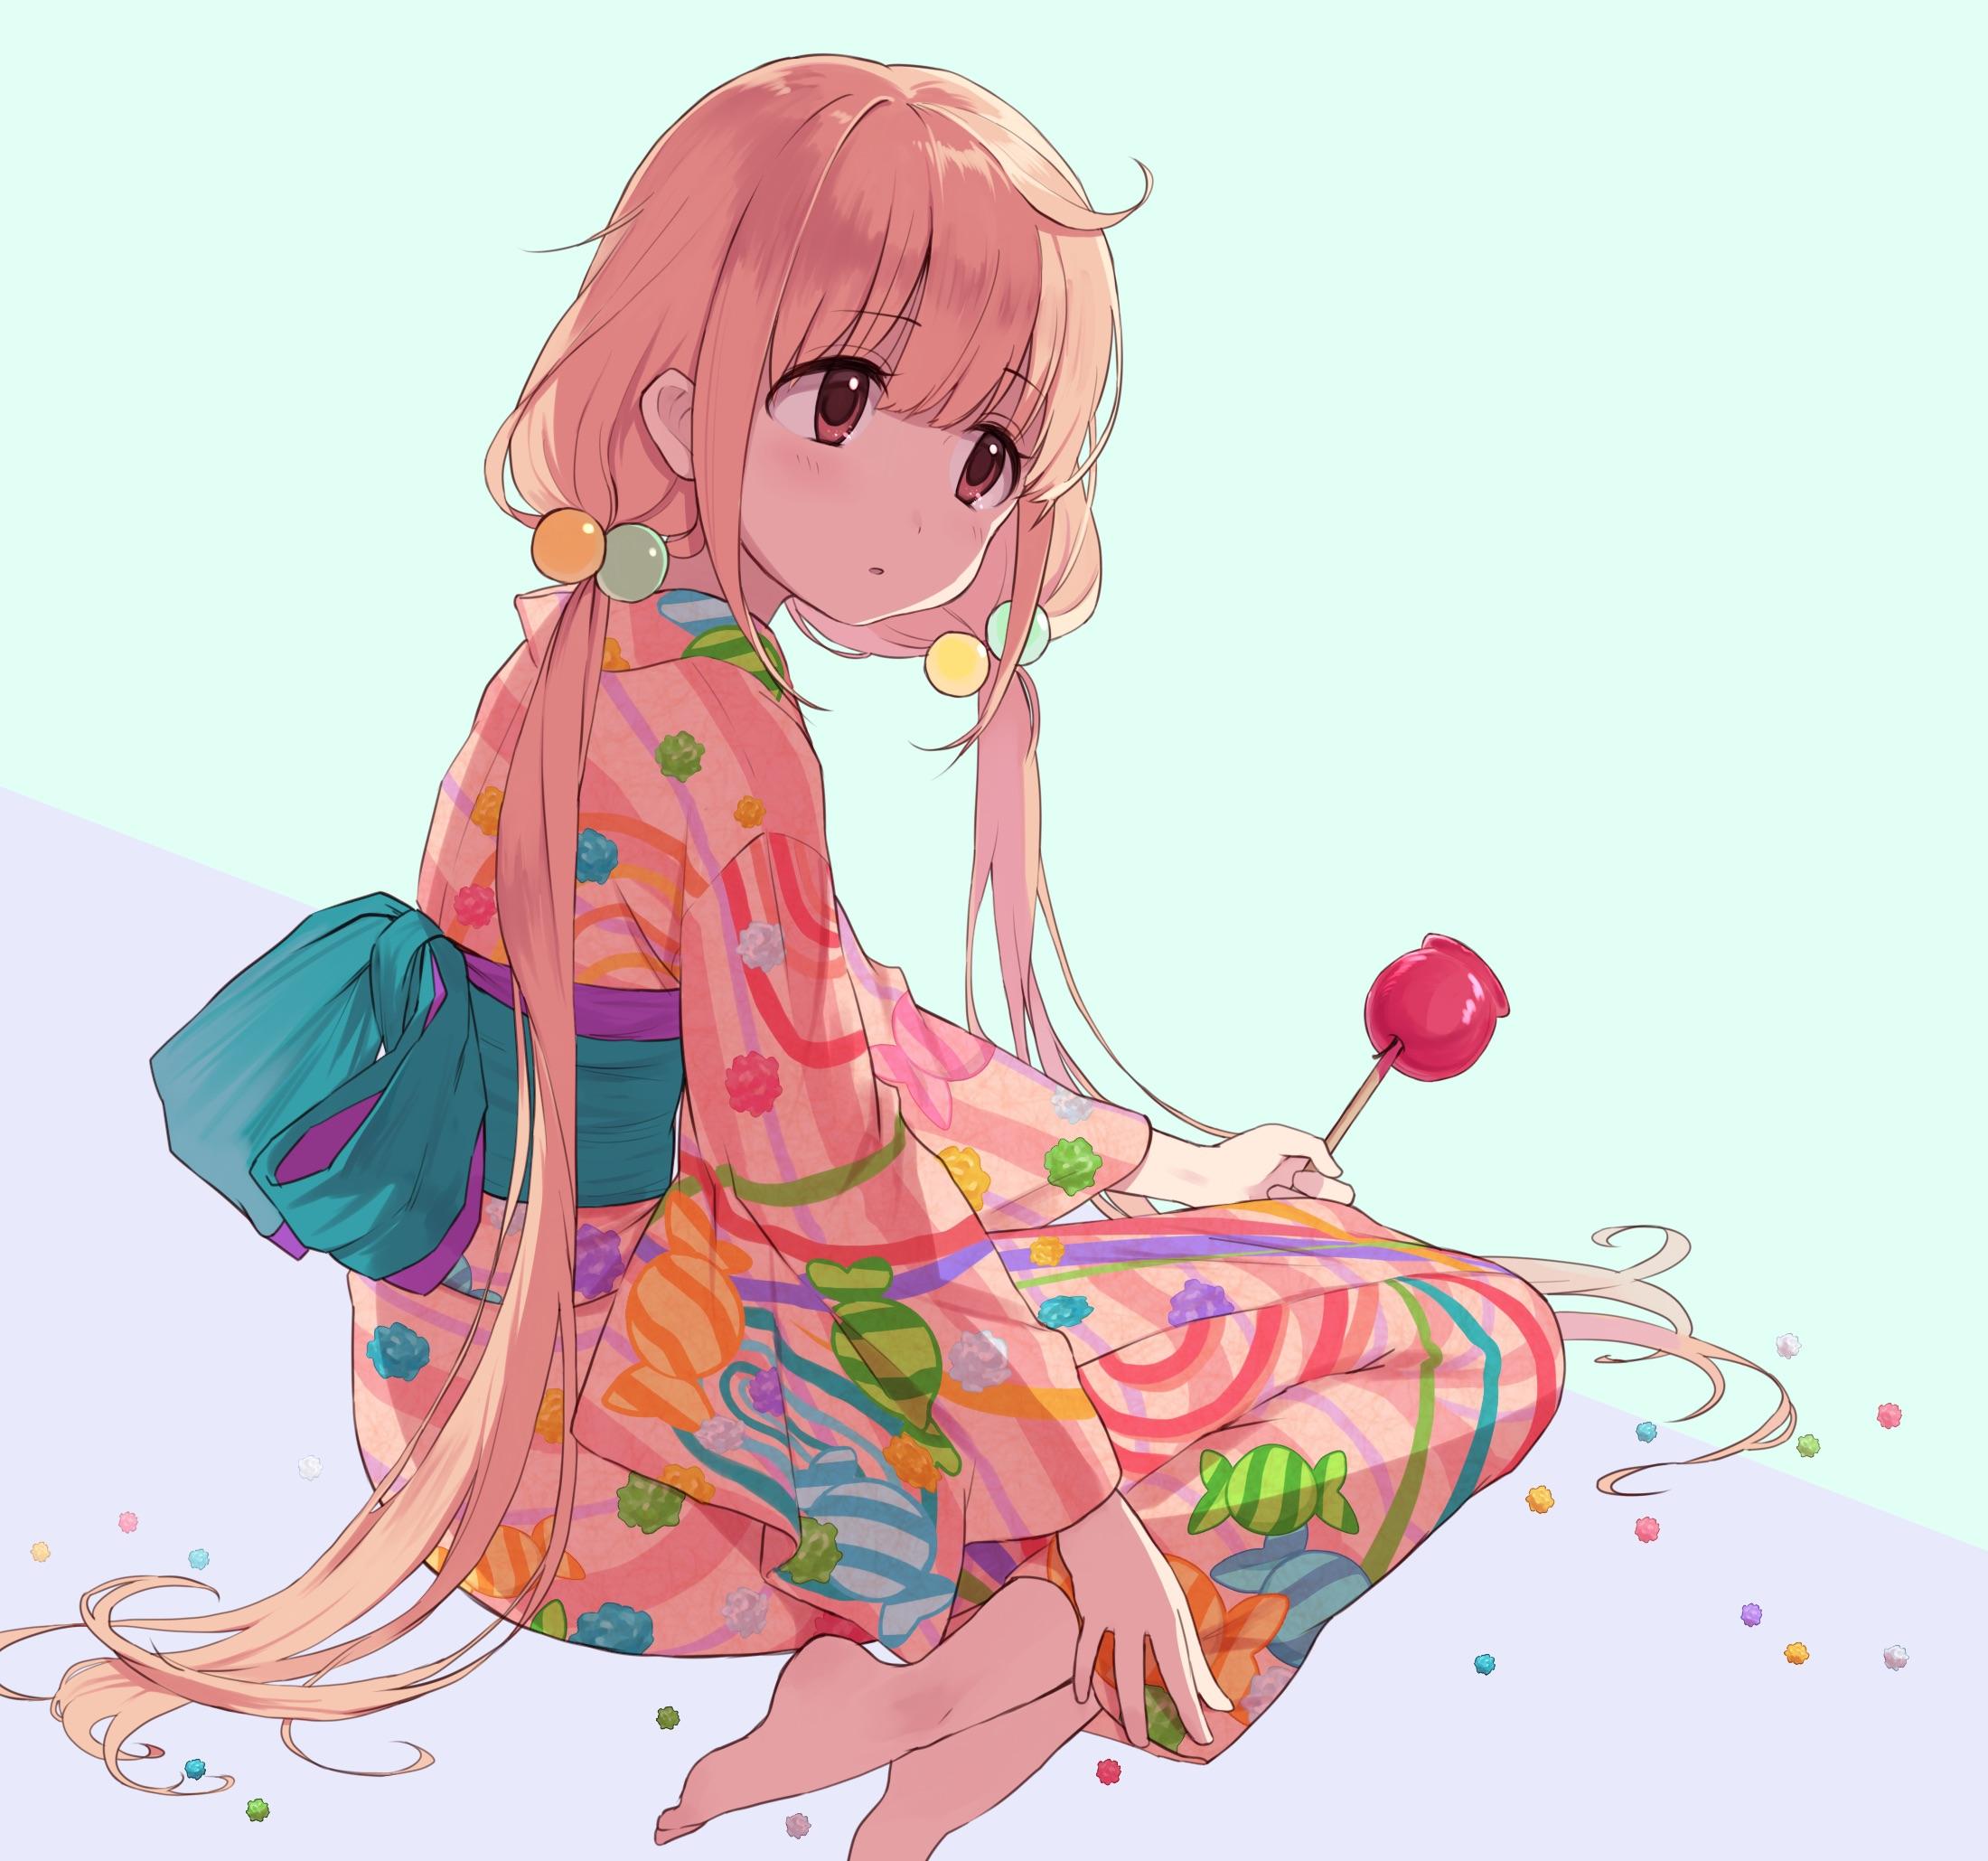 アイドルマスターシンデレラガールズ 双葉杏 / THE IDOLM@STER Futaba Anzu #1138